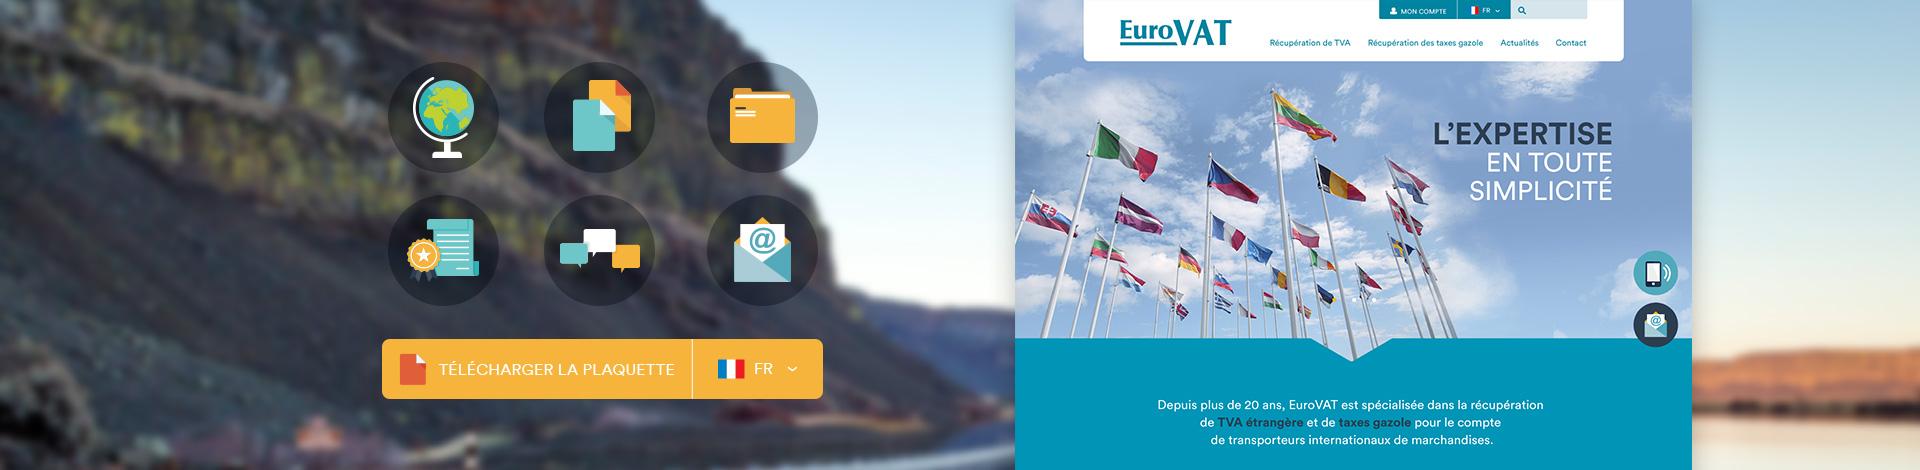 euro-vat